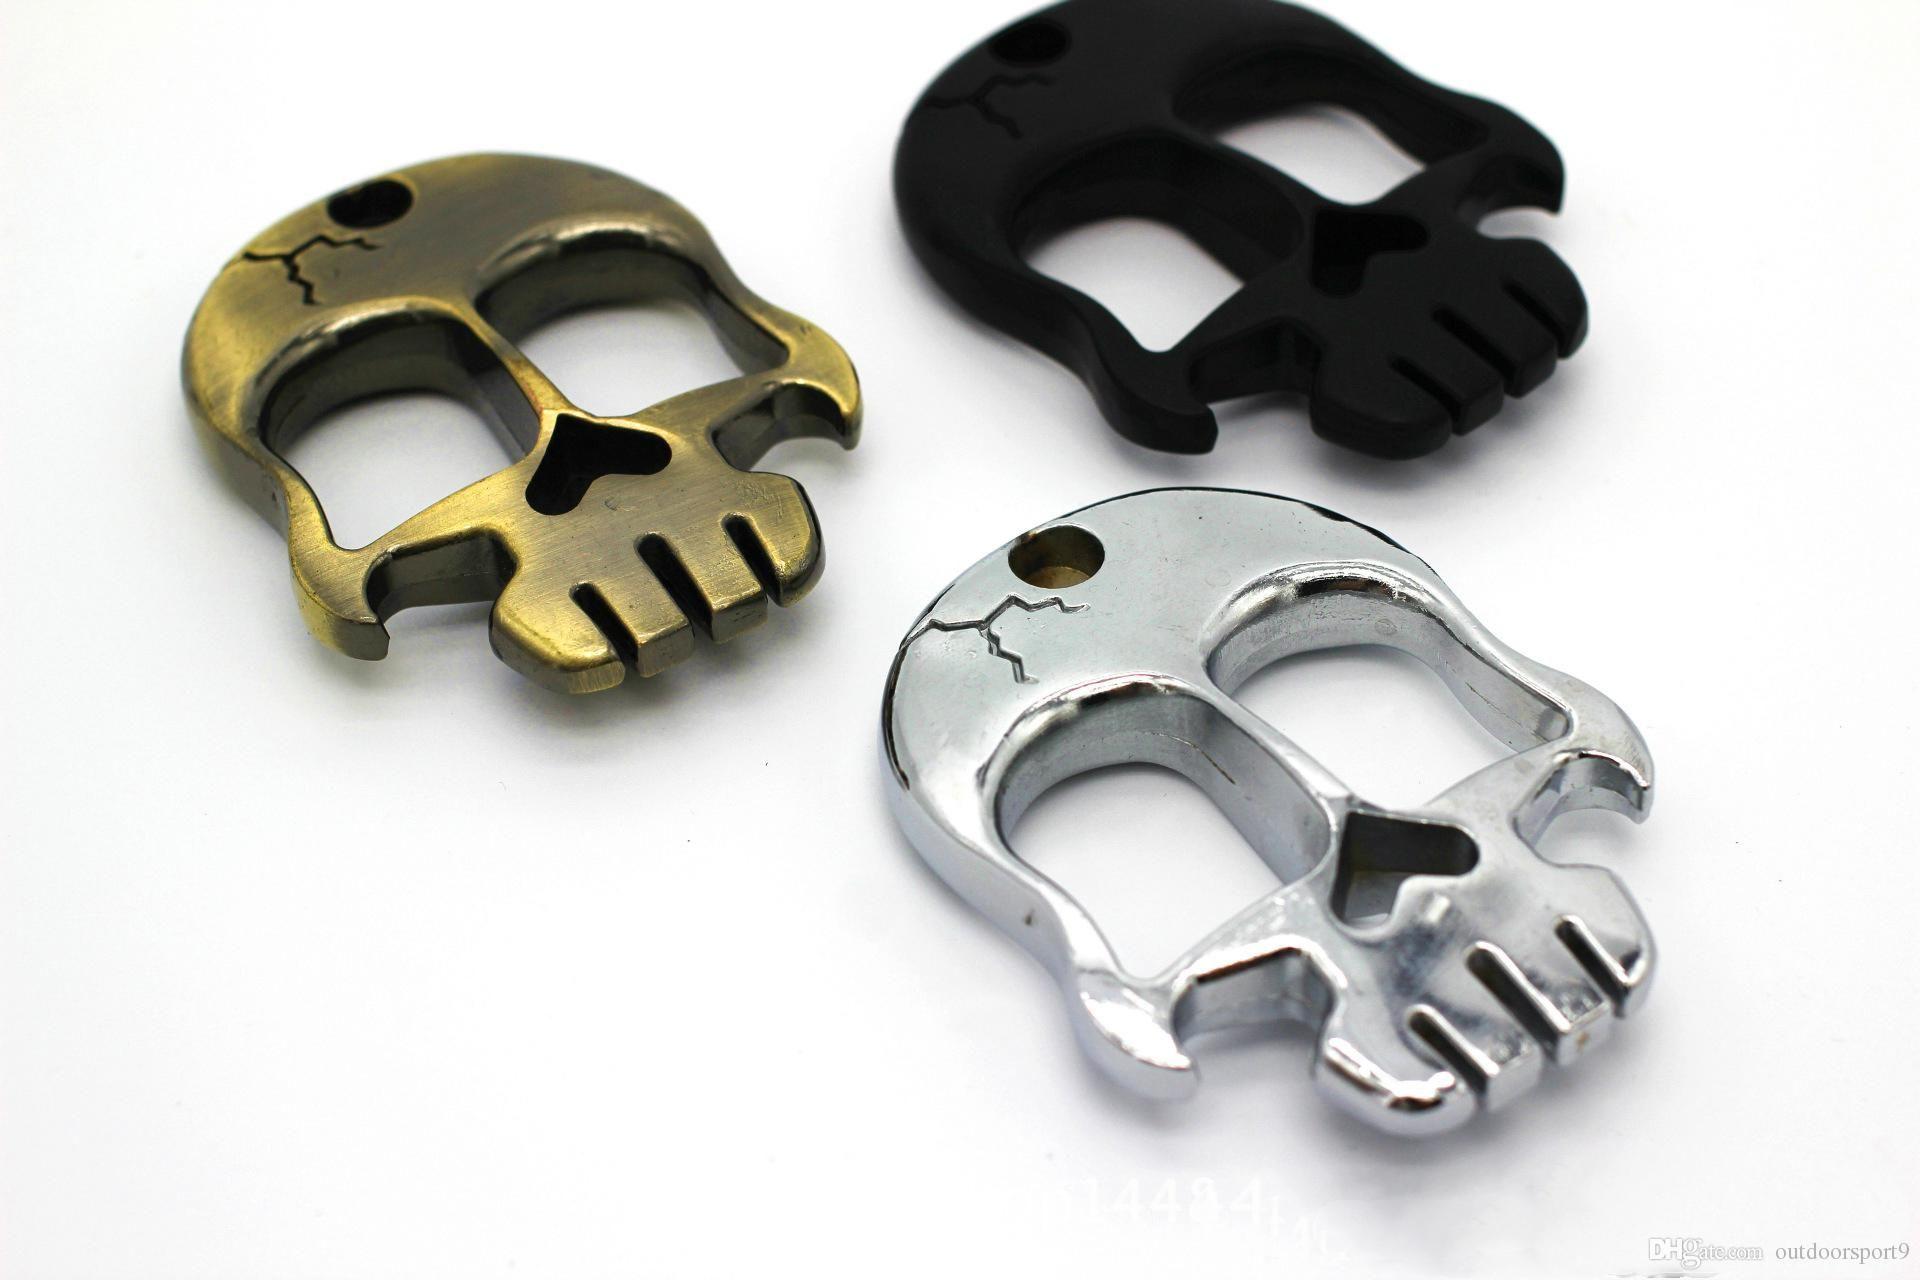 laiton crâne jarret outil équipement de protection plumeaux Autodéfense autodéfense doigt sécurité personnelle coups de poing américains suspendus